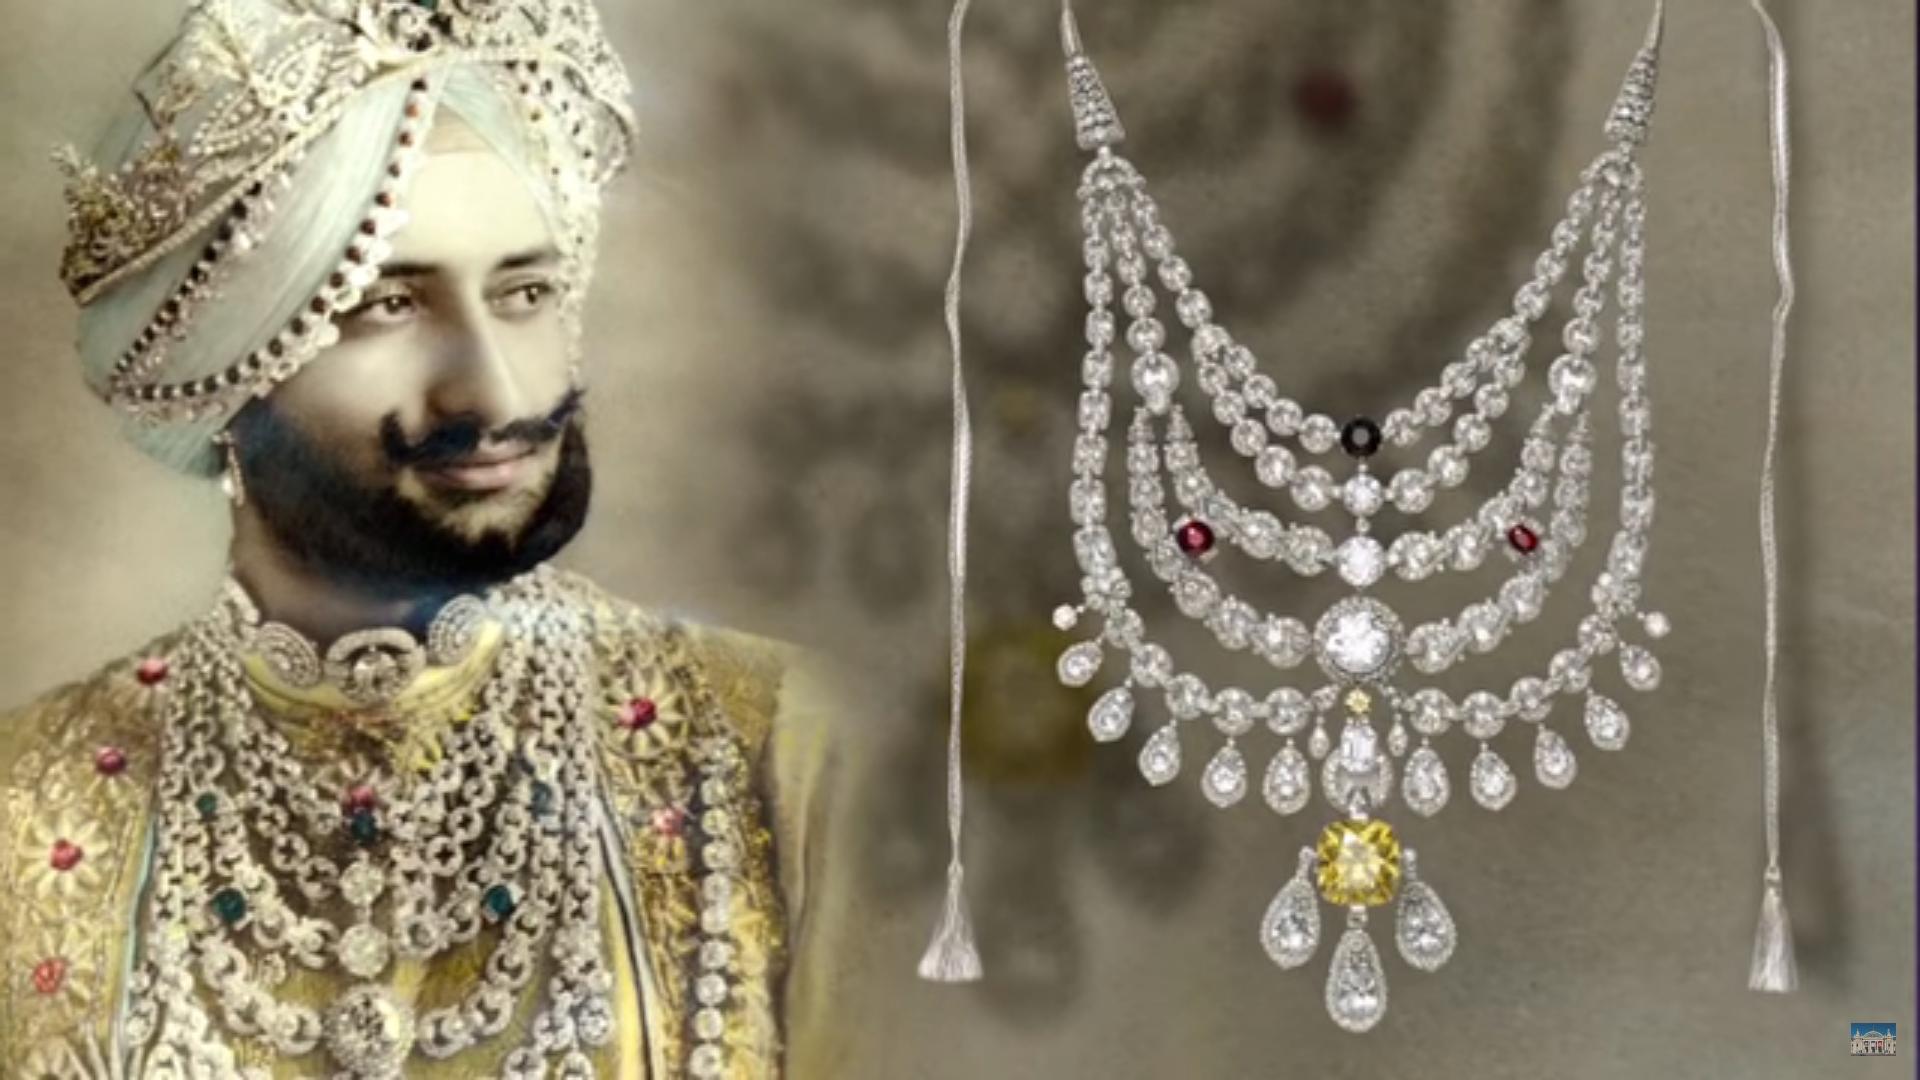 Exposition au Grand Palais : «Des grands Moghols aux Maharajahs» 29 Mars – 05 Juin 2017